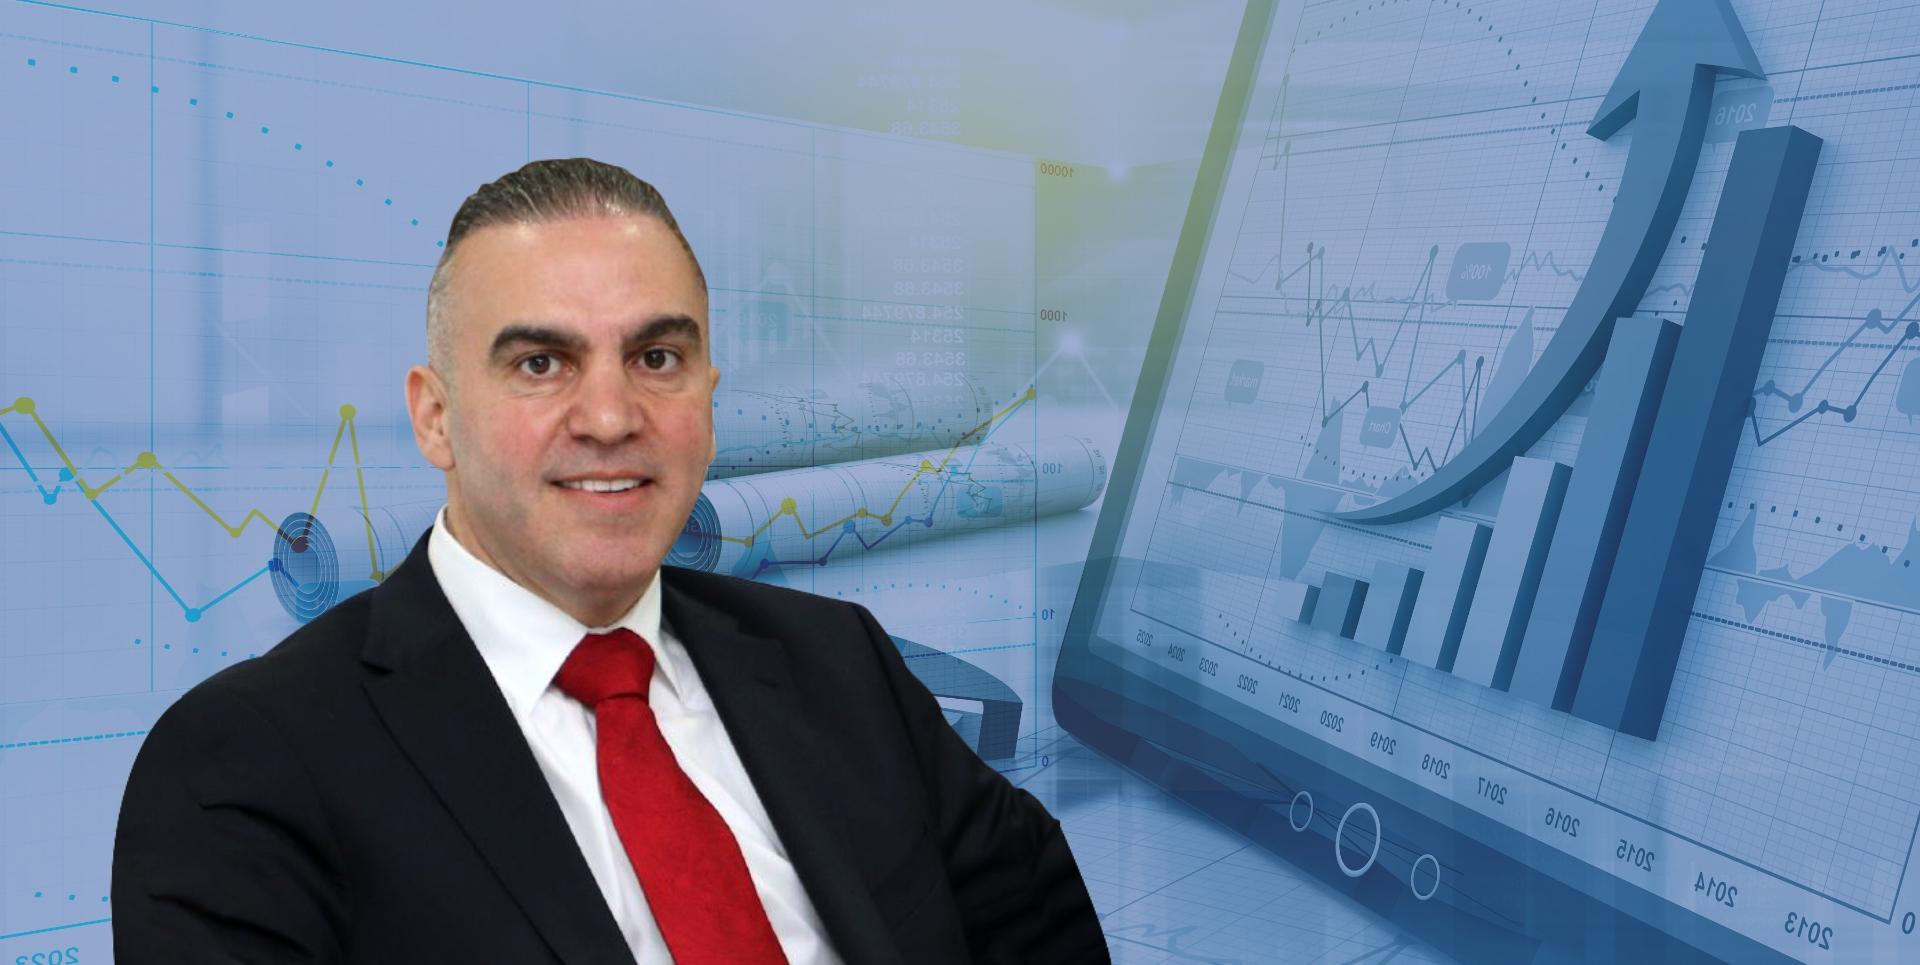 خدمات التدقيق والتأكيد والاستشارات والضرائب لشركتك الموثوقة في الإمارات العربية المتحدة